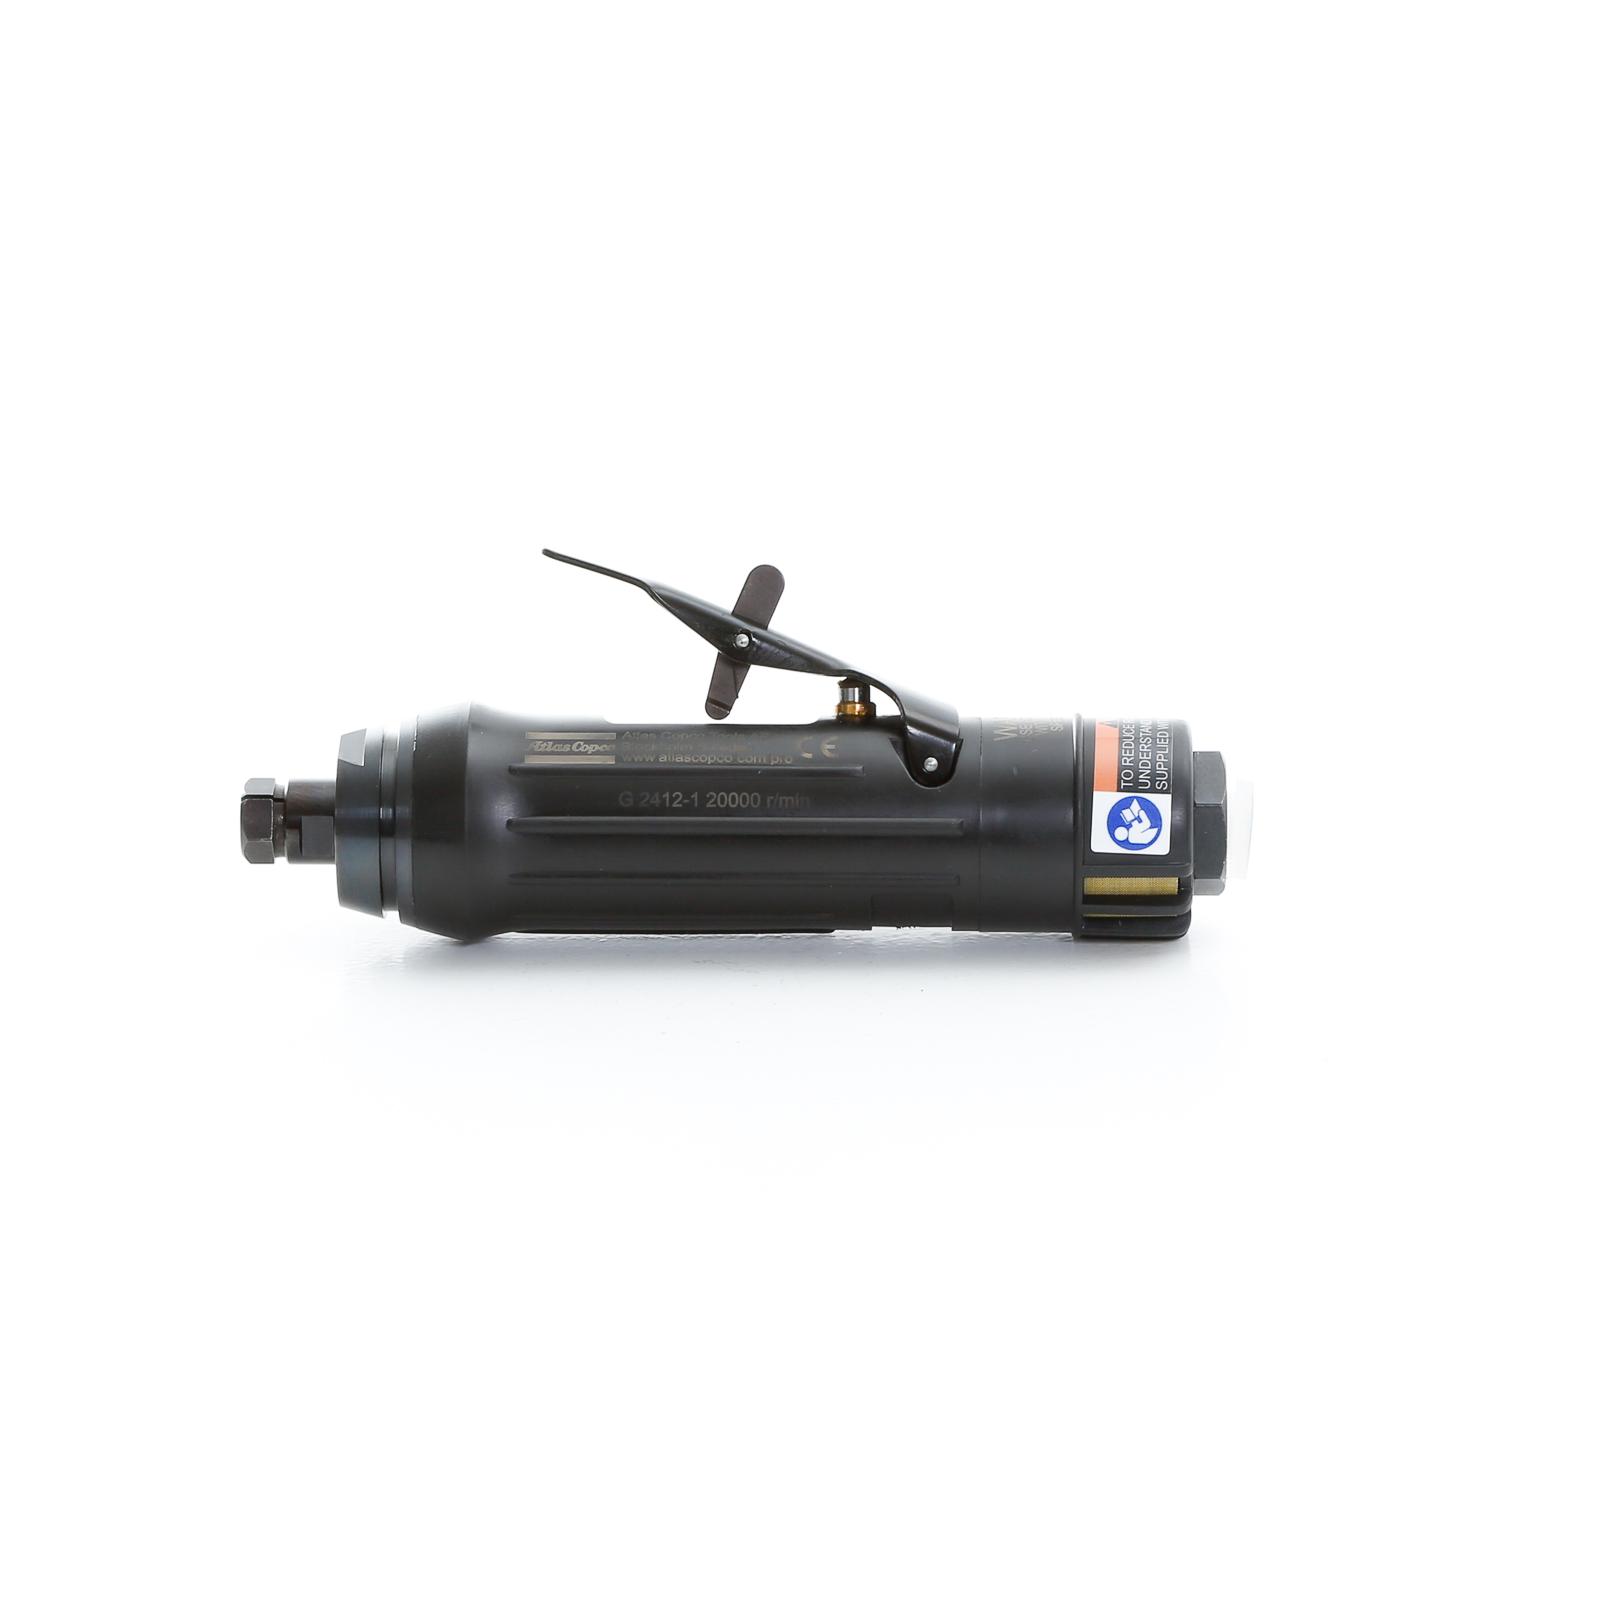 FR fr hof Fournitures industrielles Outils CAlectriques et pneumatiques Meuleuse droite pneumatique EC pince de serrage  mm p